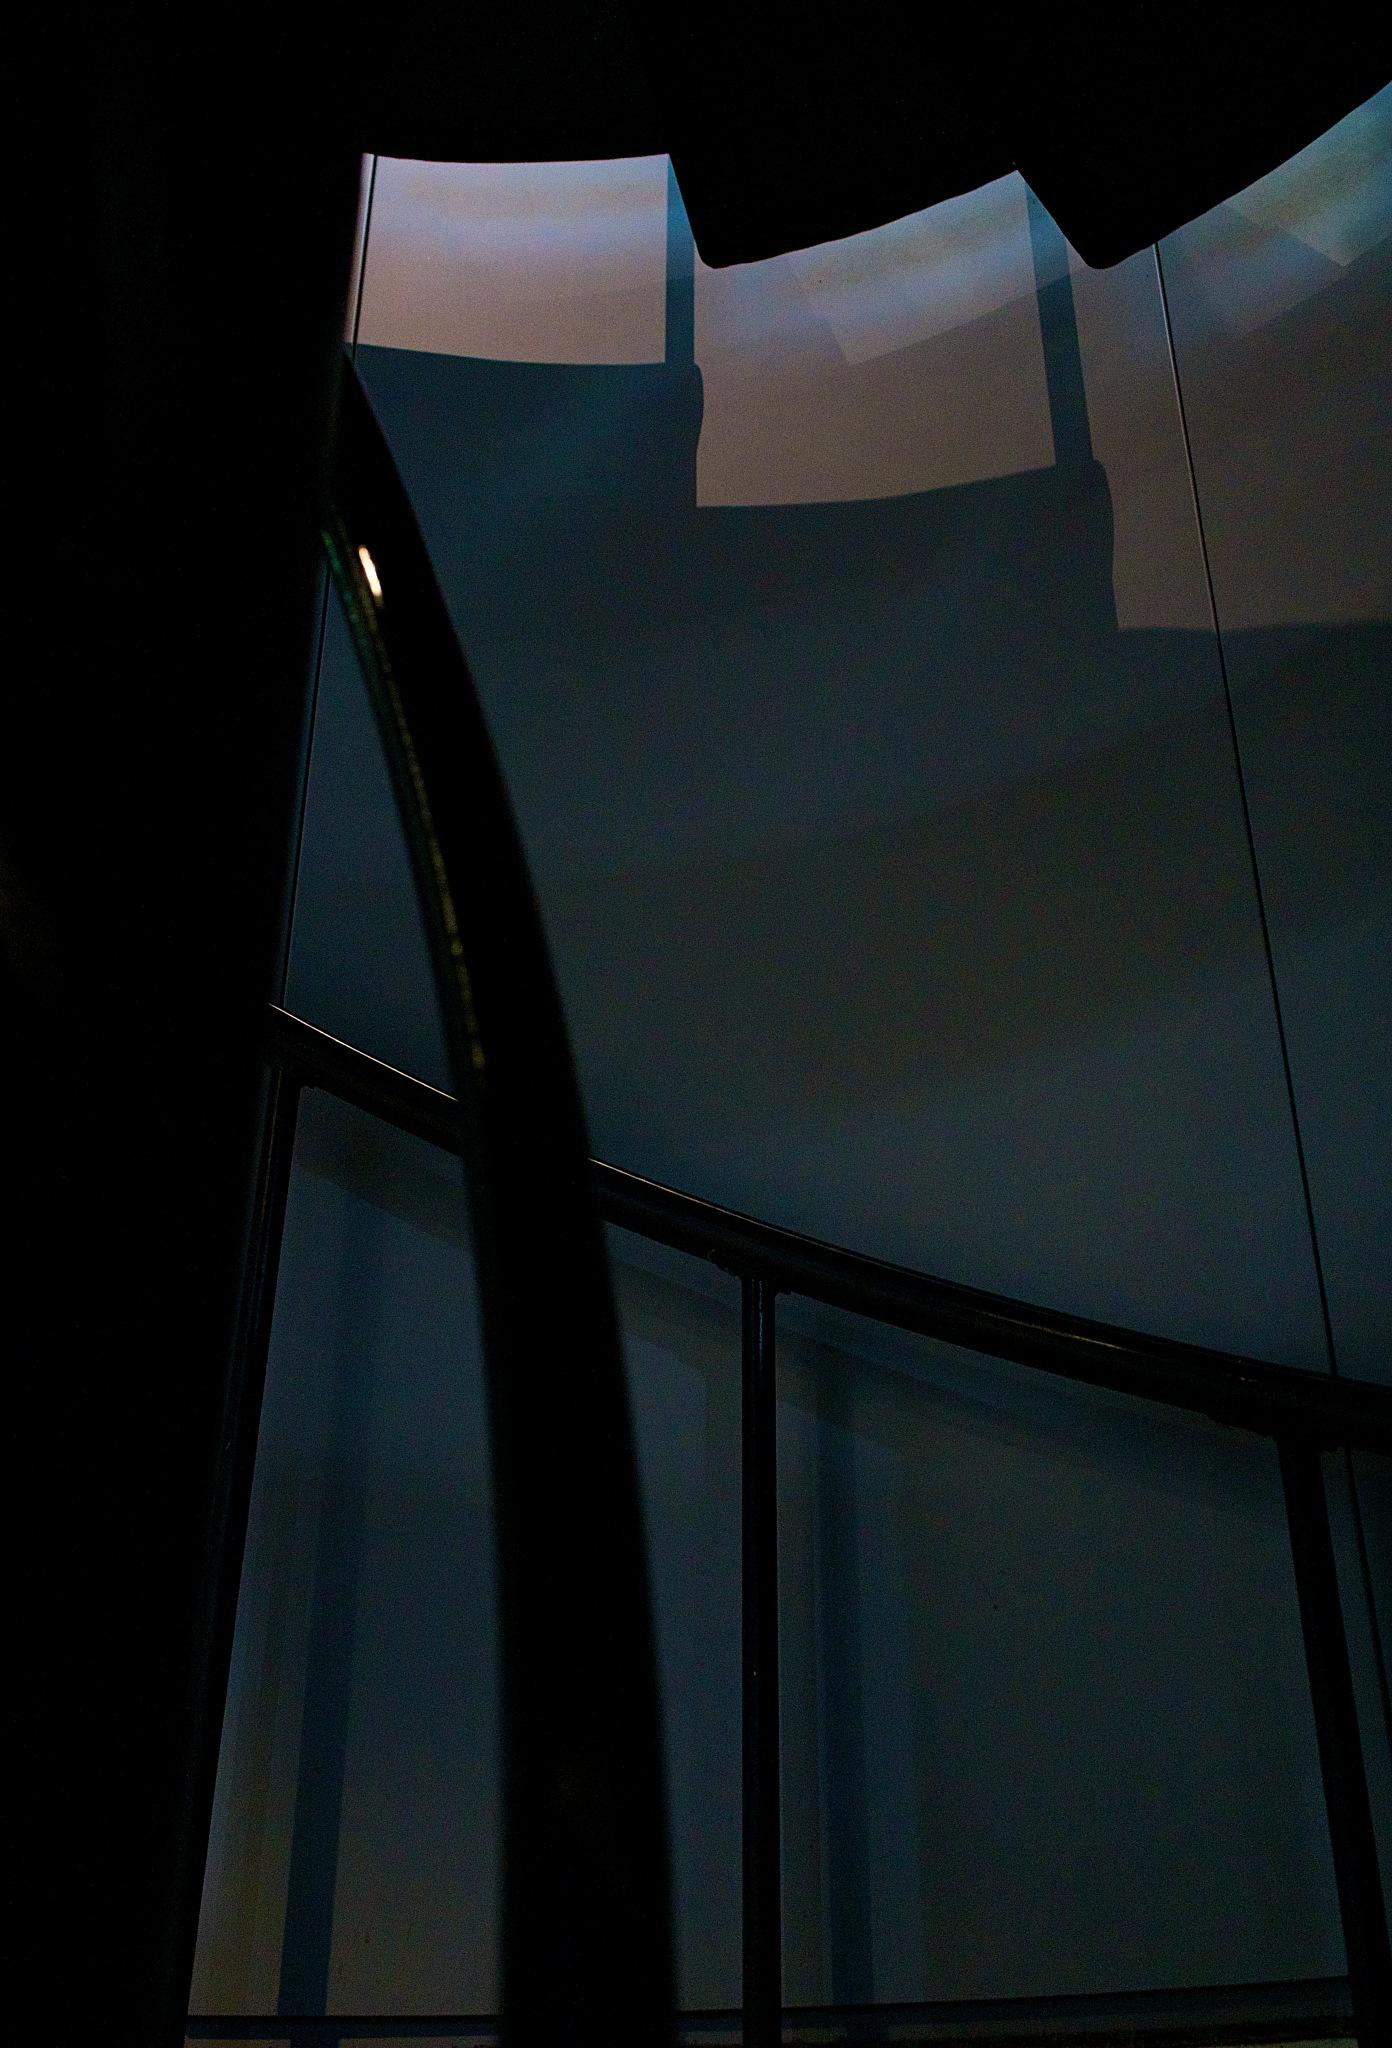 Descent by Simon Ciappara